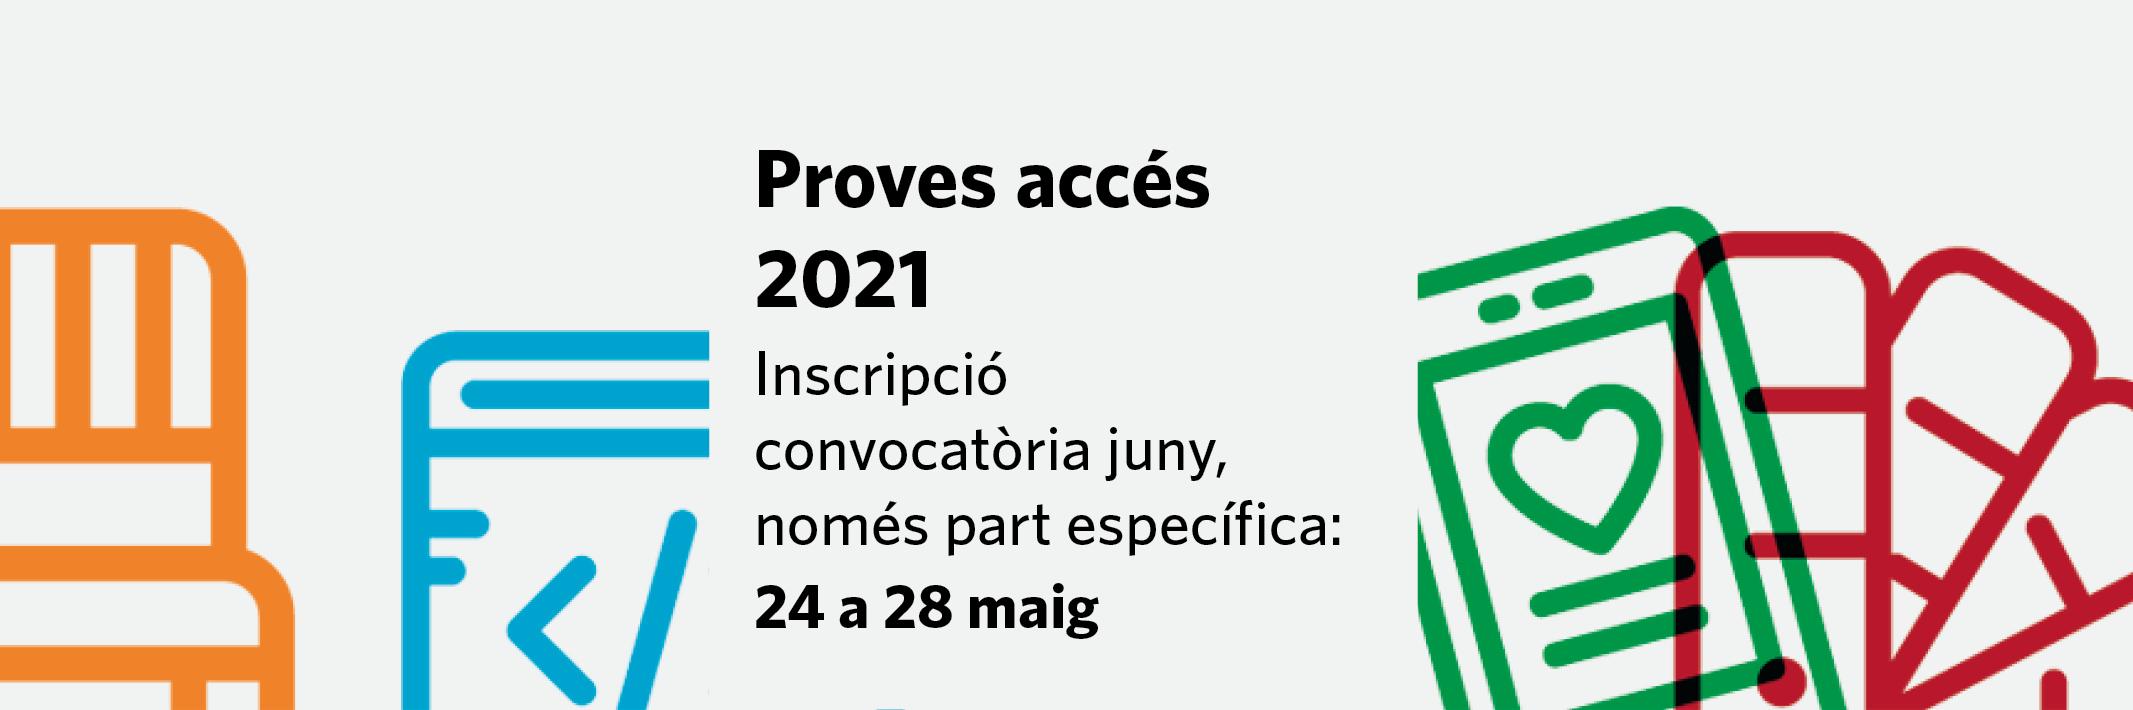 Inscripció proves accés juny 2021